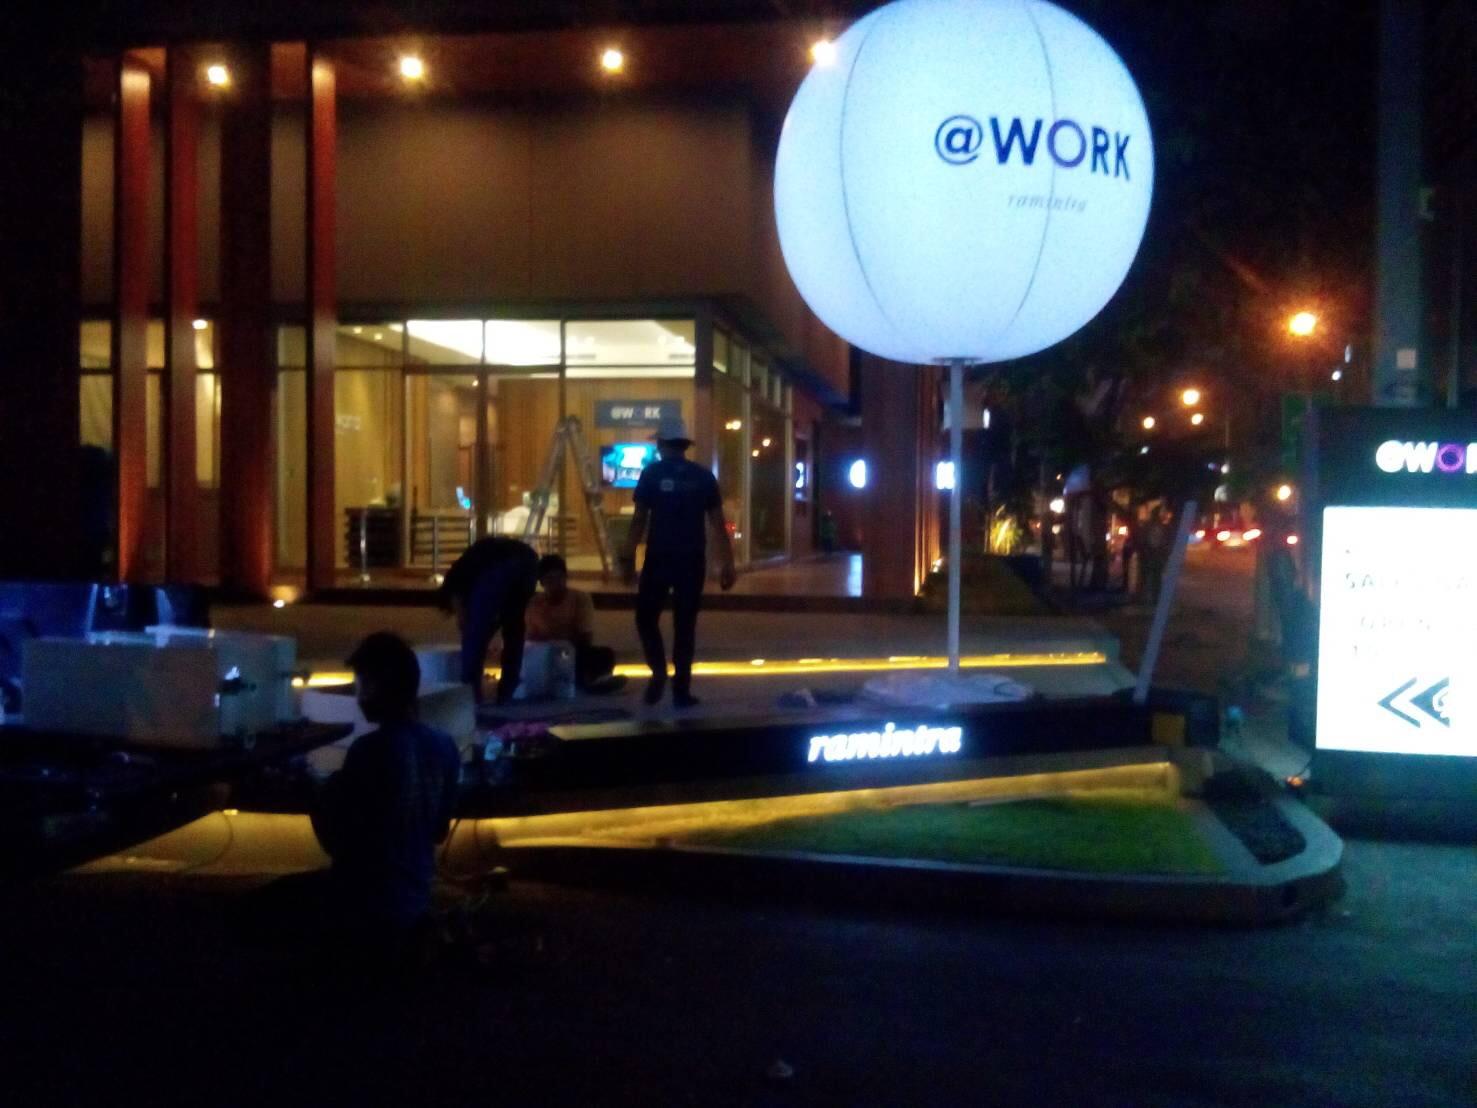 กล่องไฟอะคริลิก @WORK รามอินทรา